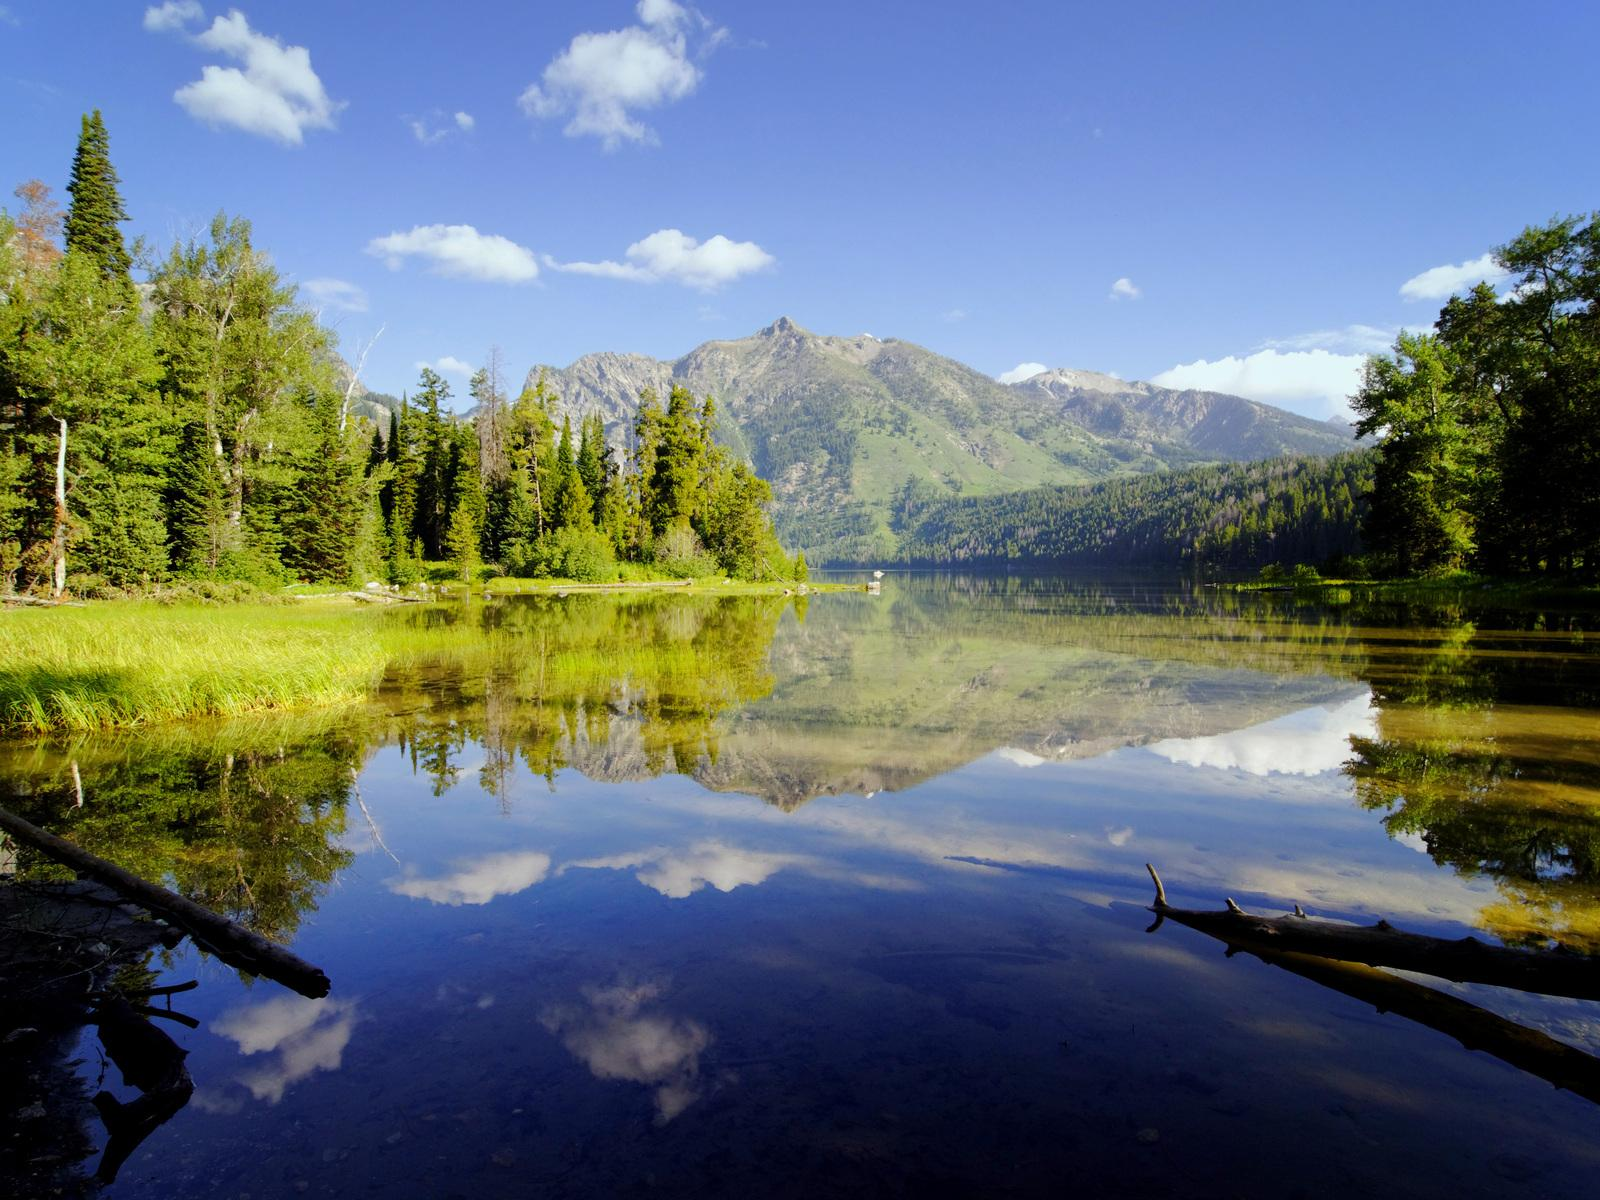 озеро красивое фото